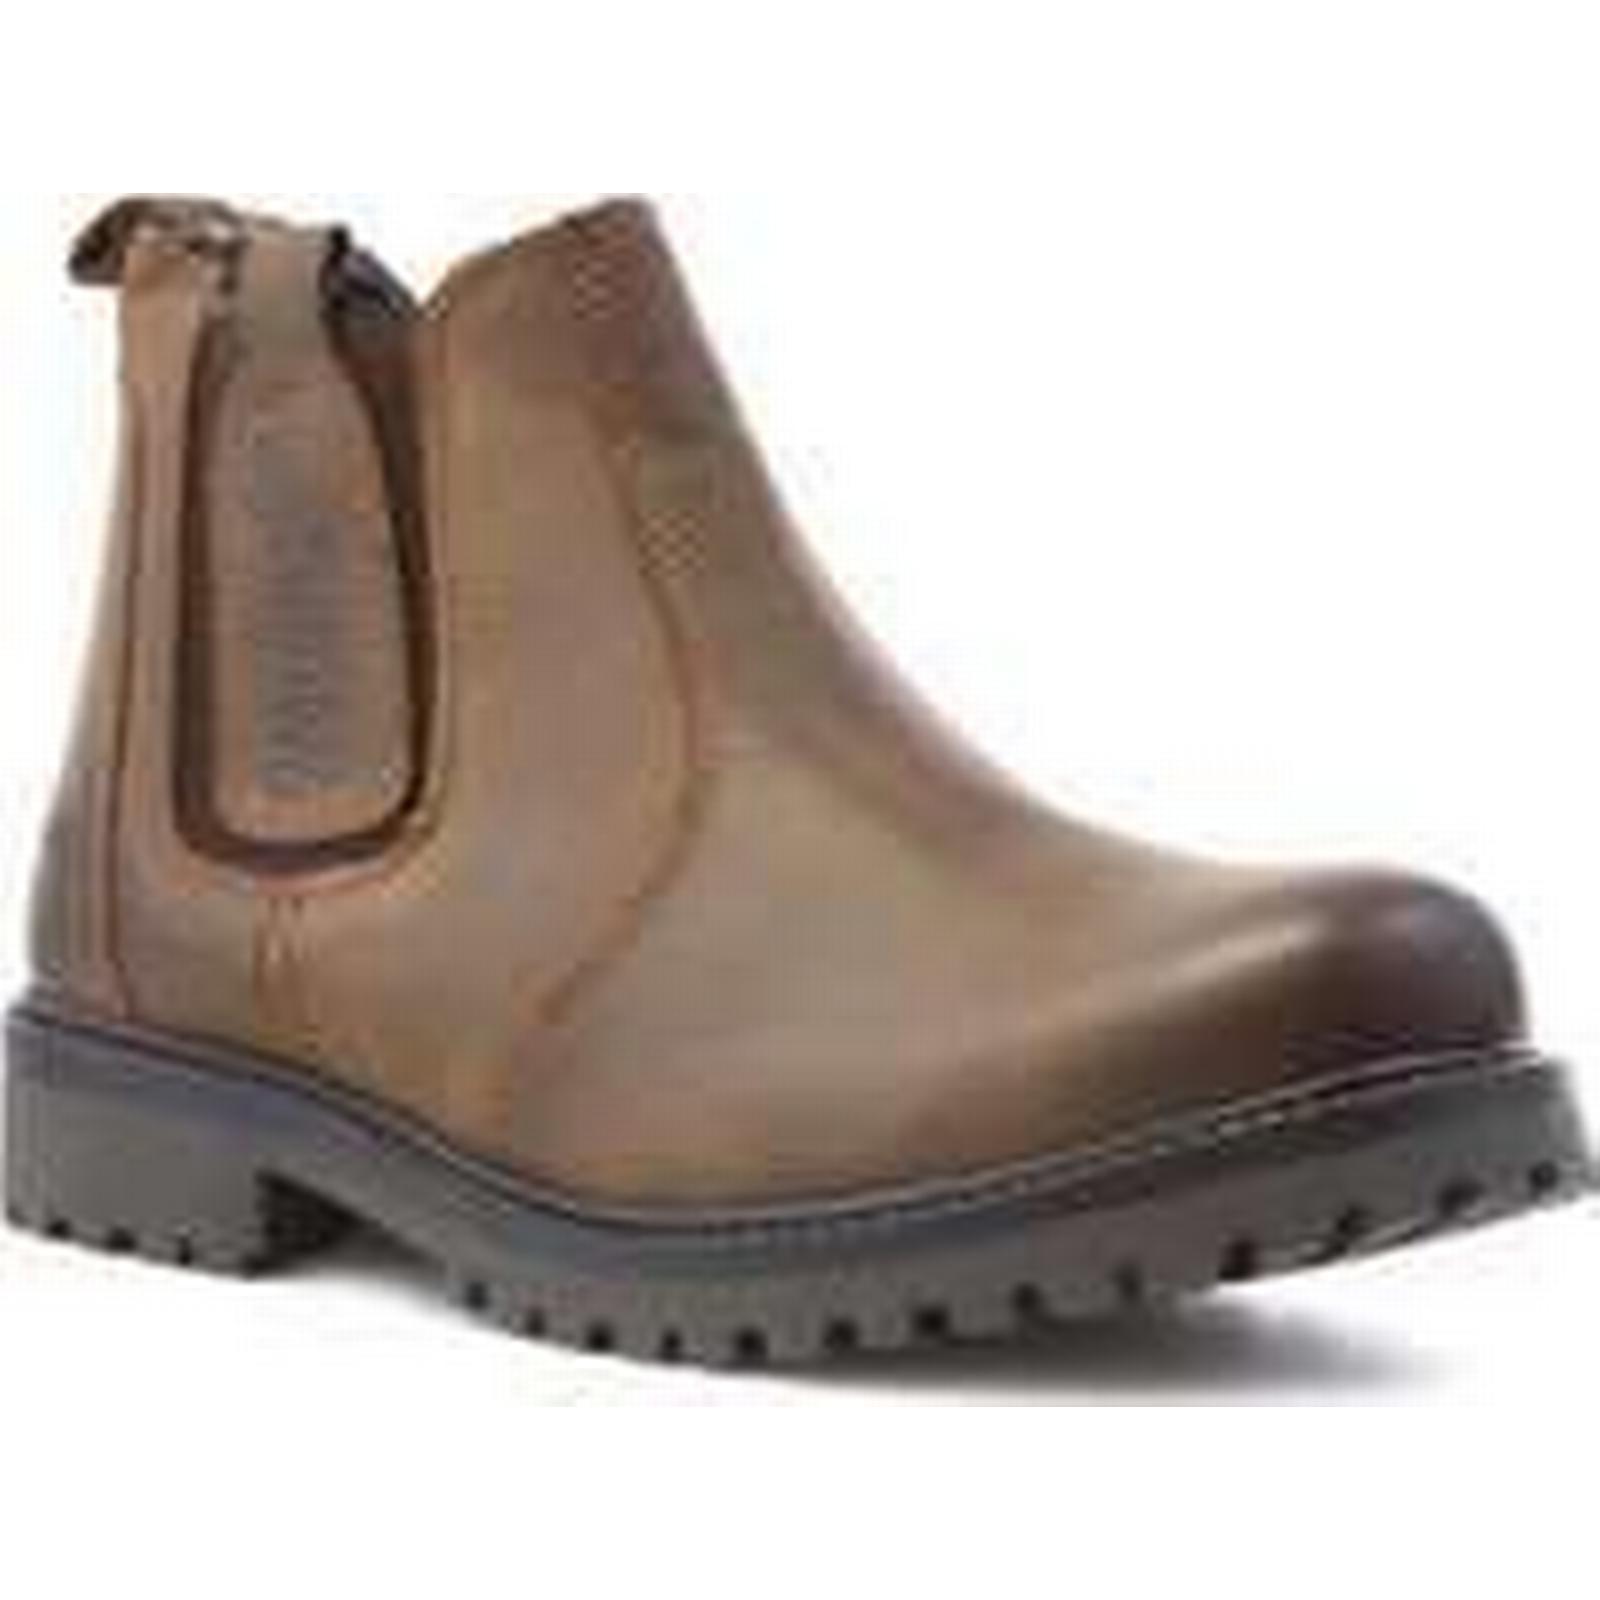 Wrangler Boot Mens Chestnut Nubuck Chelsea Boot Wrangler ce255b